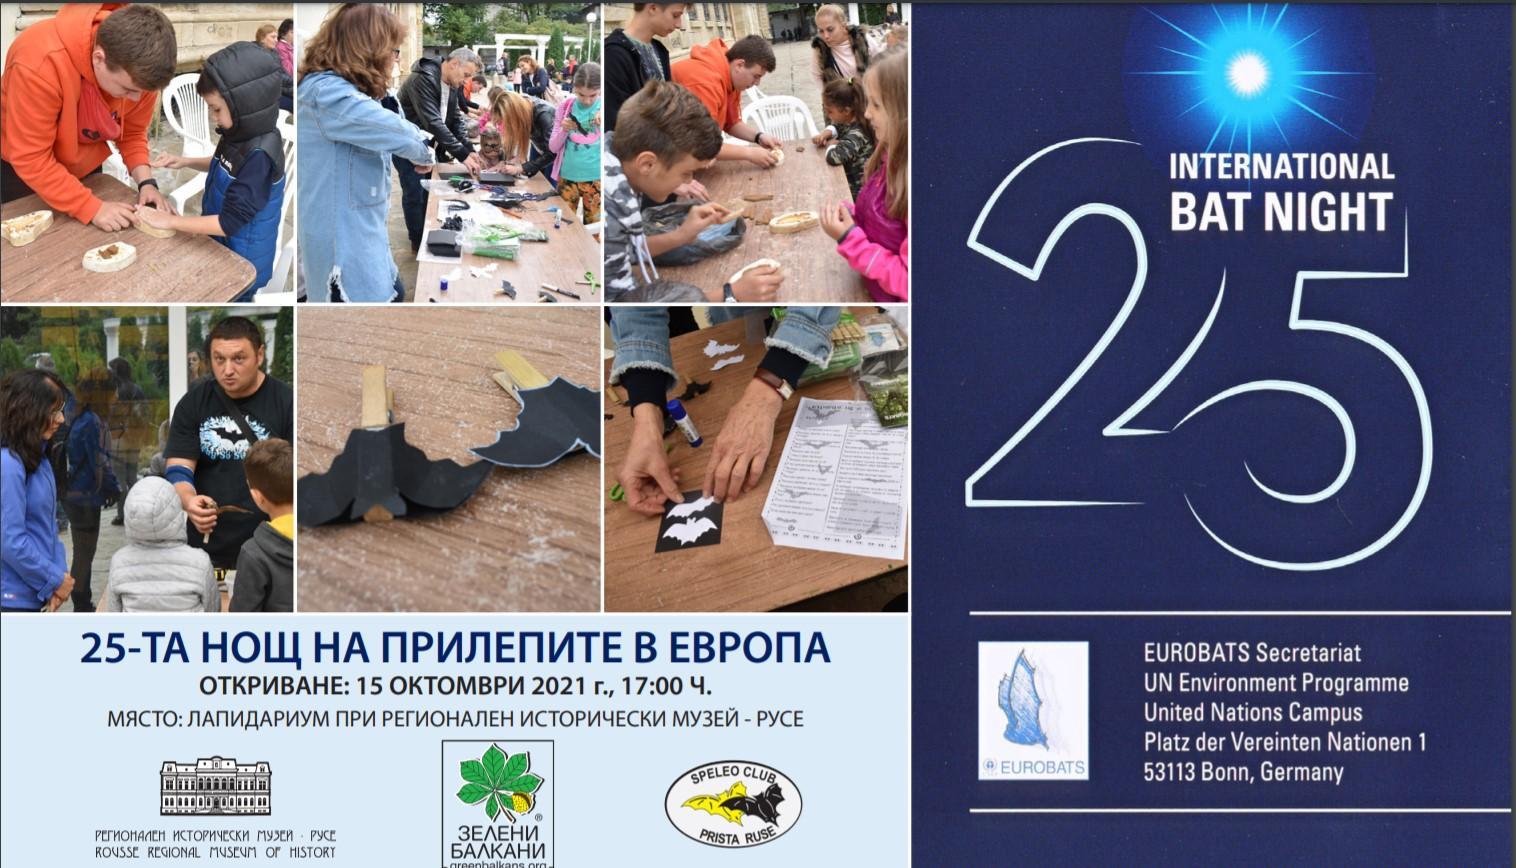 Нощ на прилепите ще се състои на 15 октомври в РИМ - Русе